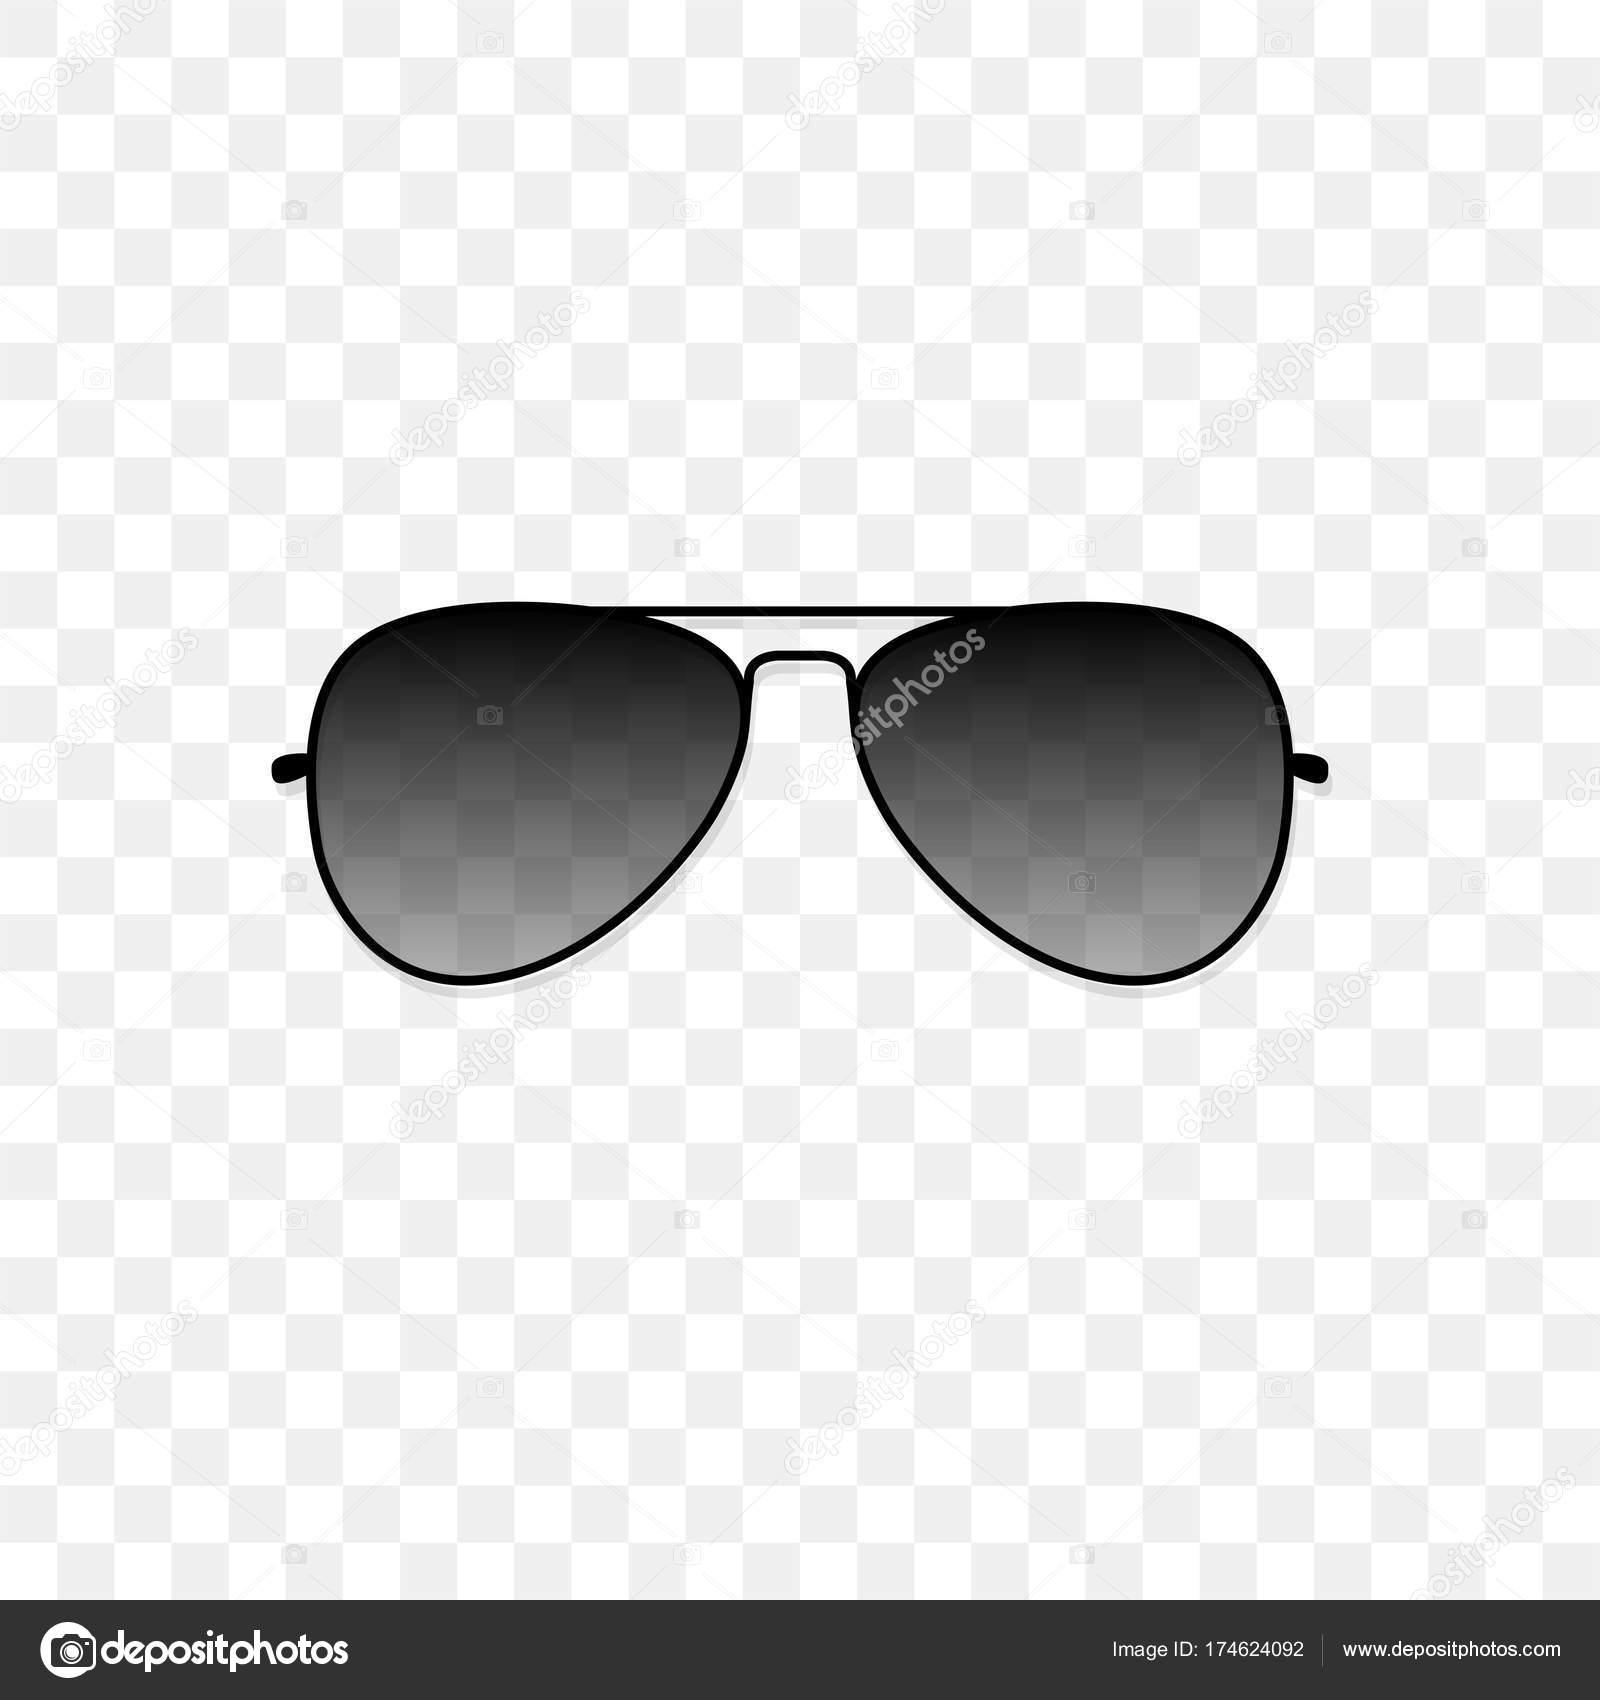 Realistische Sonnenbrille mit einem transluzenten schwarzen